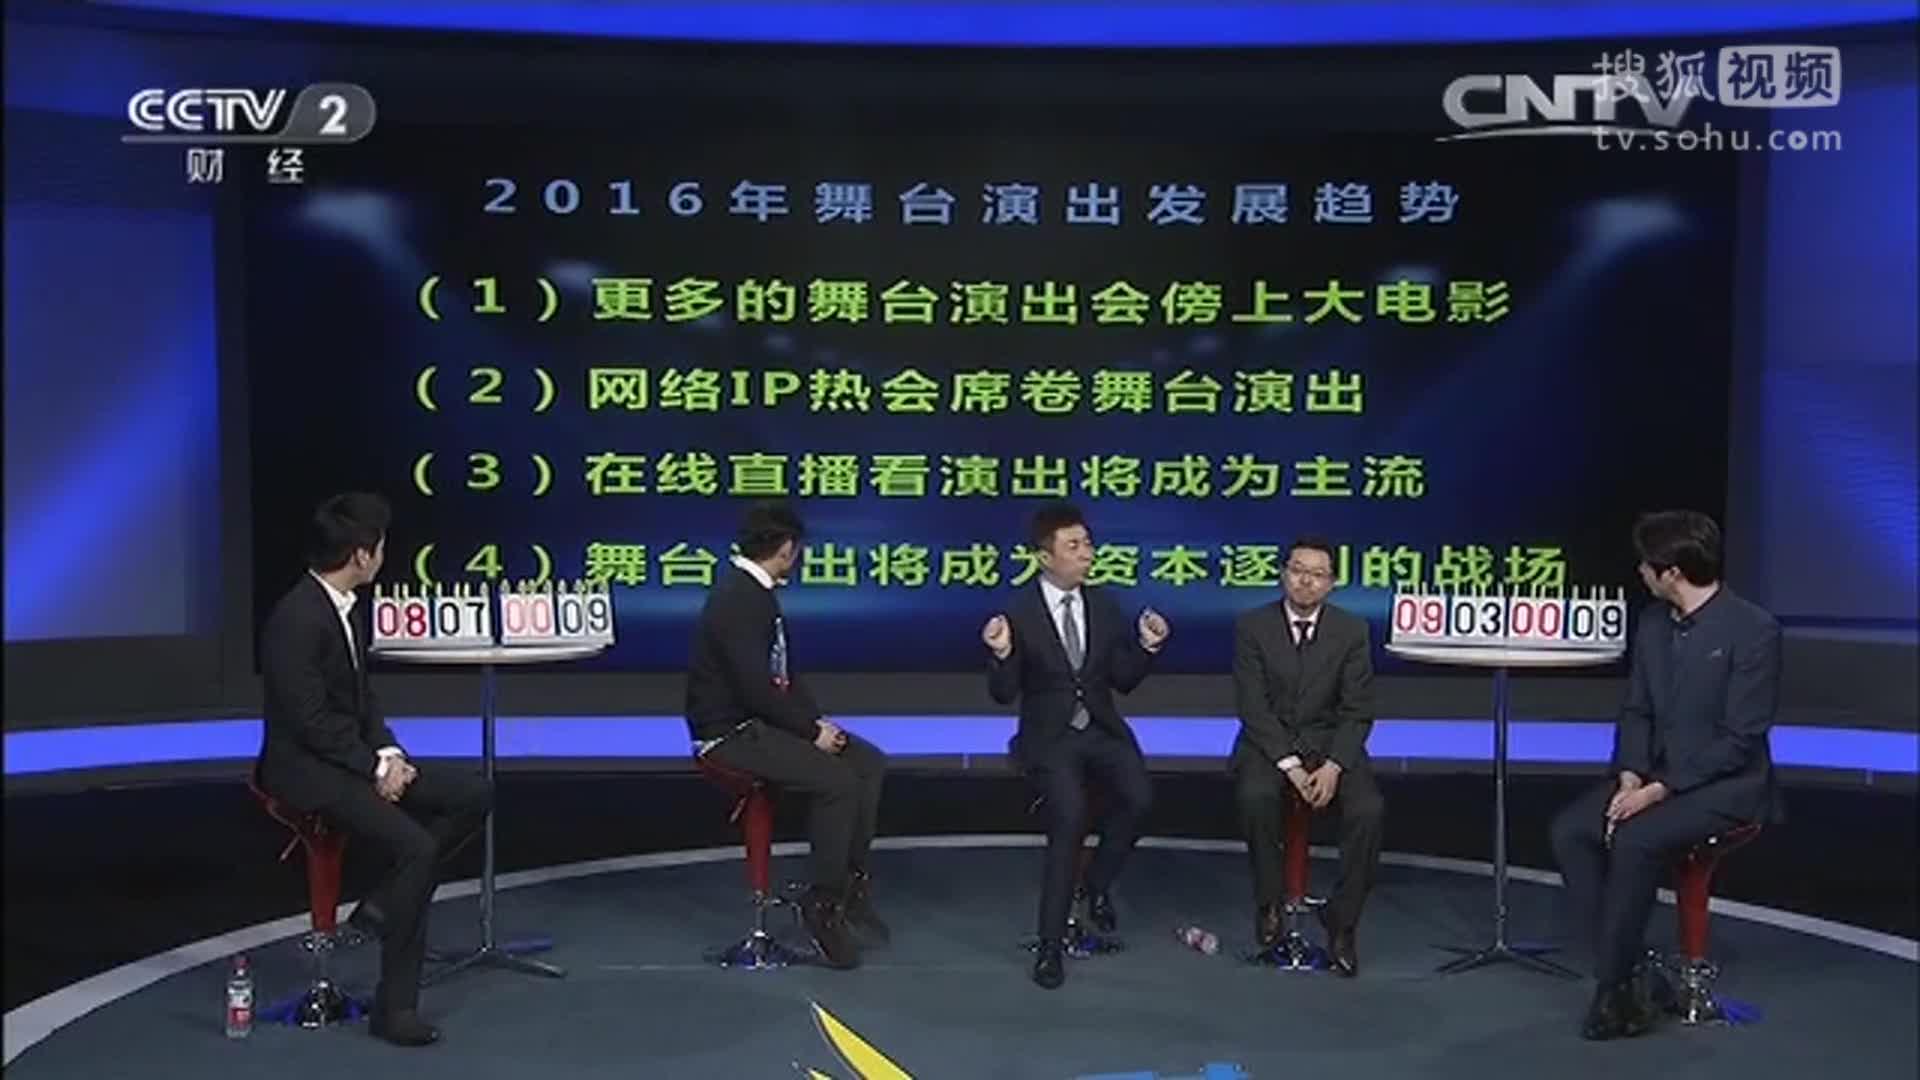 嘻哈包袱铺高晓攀做客CCTV-2《对话》栏目(五)